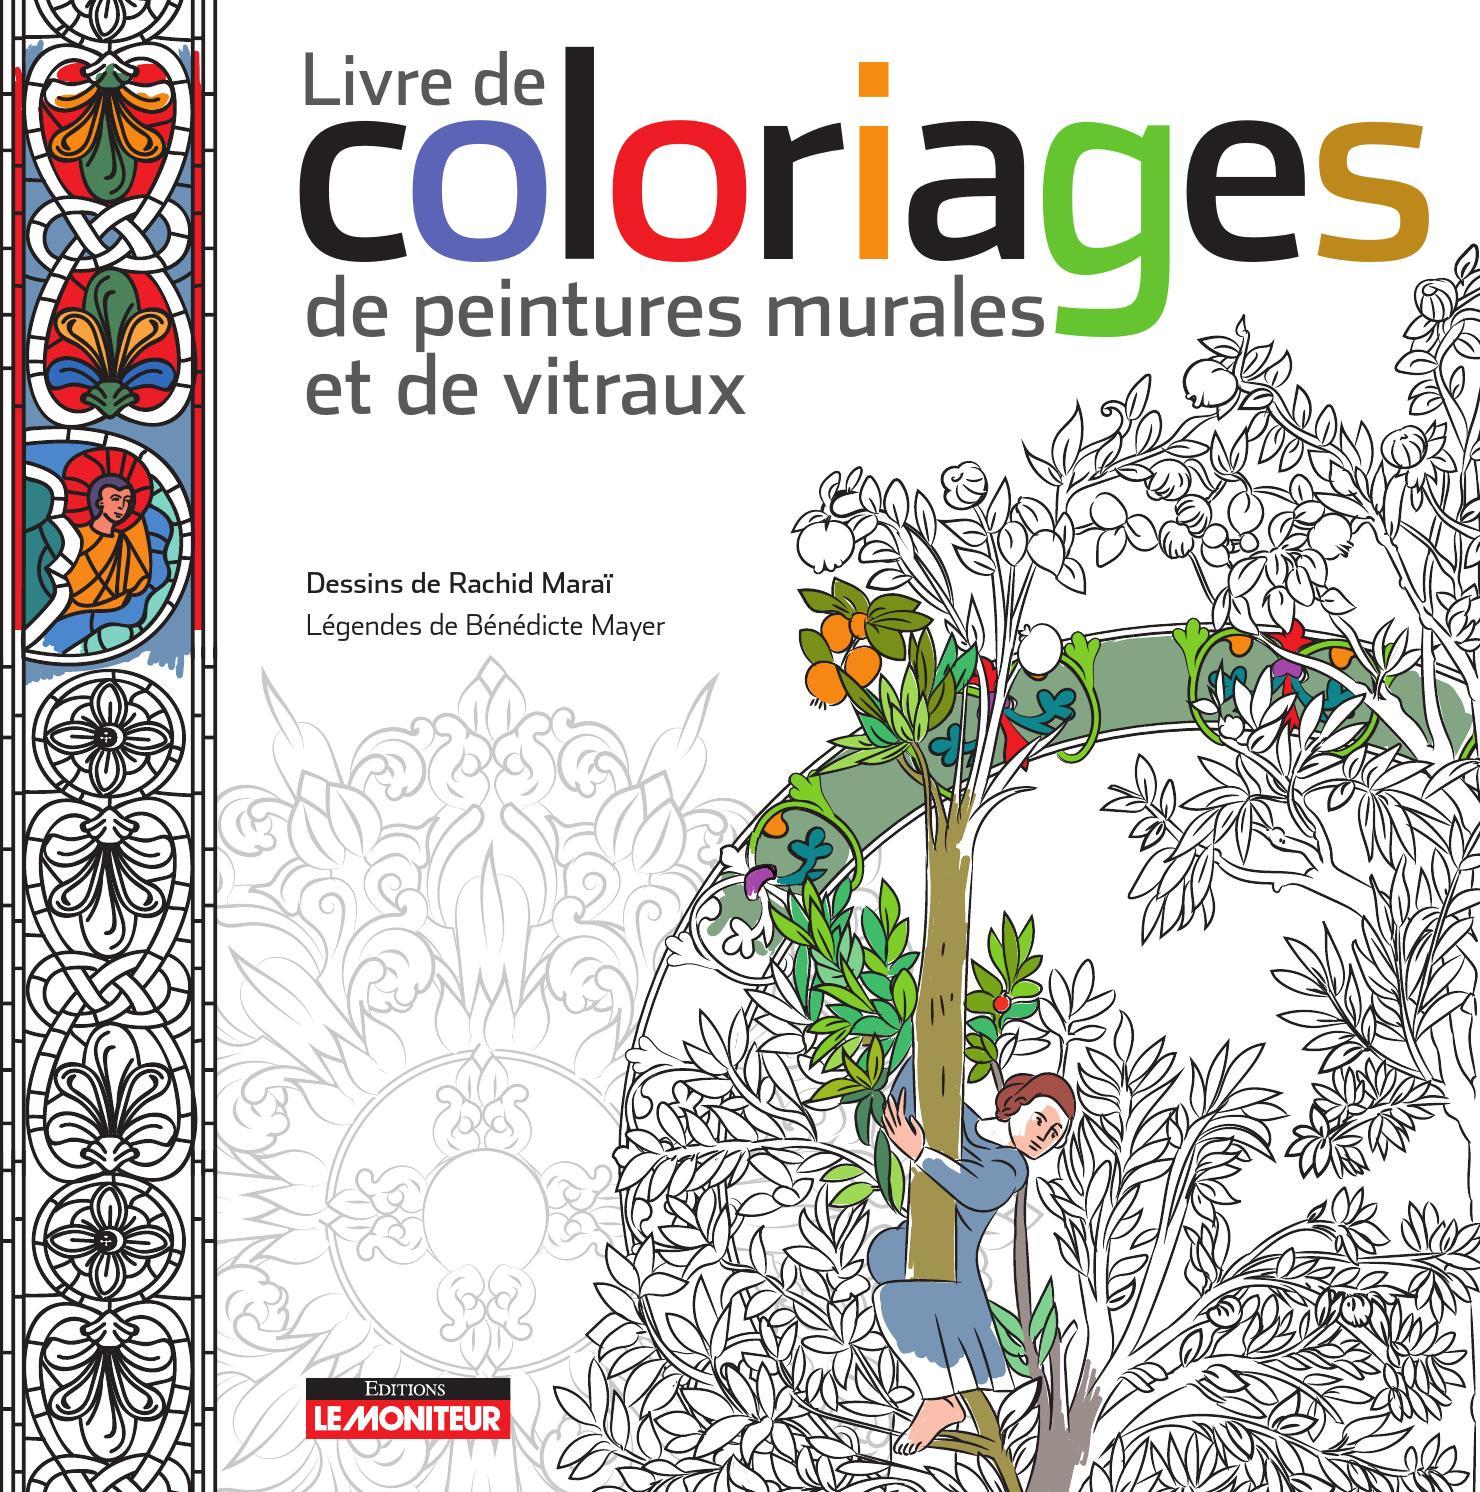 Livre de coloriages de peintures murales et de vitraux by infopro digital issuu - Vitraux a colorier ...